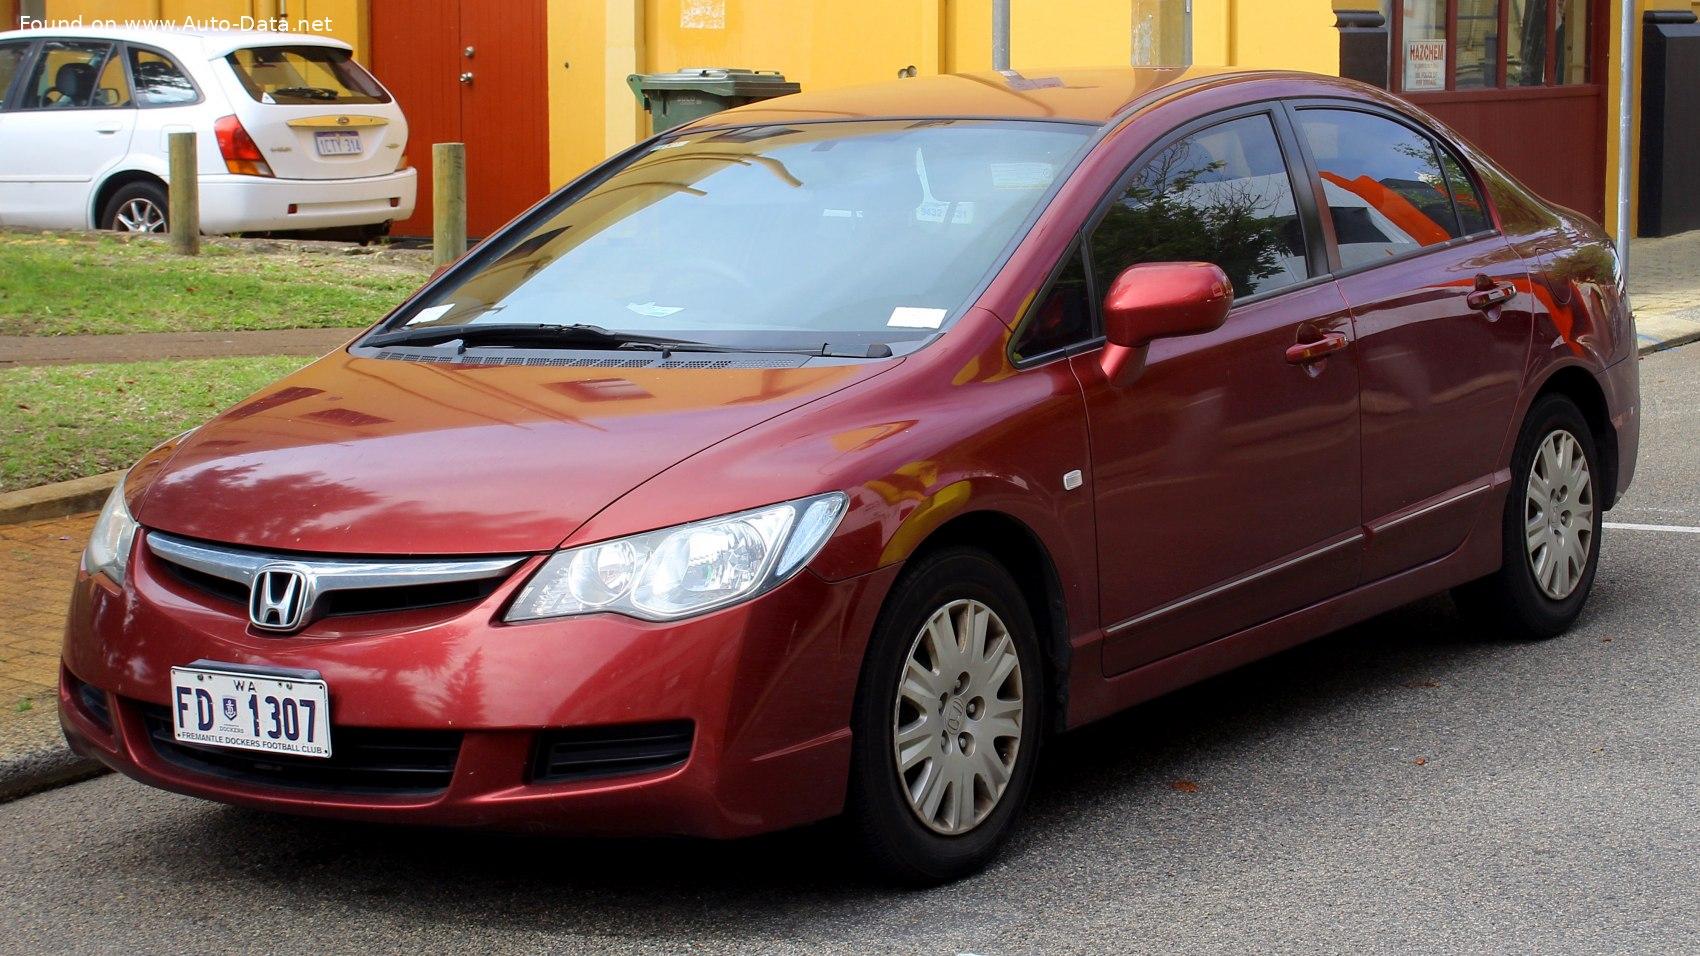 2006 Honda Civic Viii Sedan 1 8 I Vtec 16v 140 Hp Automatic Technical Specs Data Fuel Consumption Dimensions